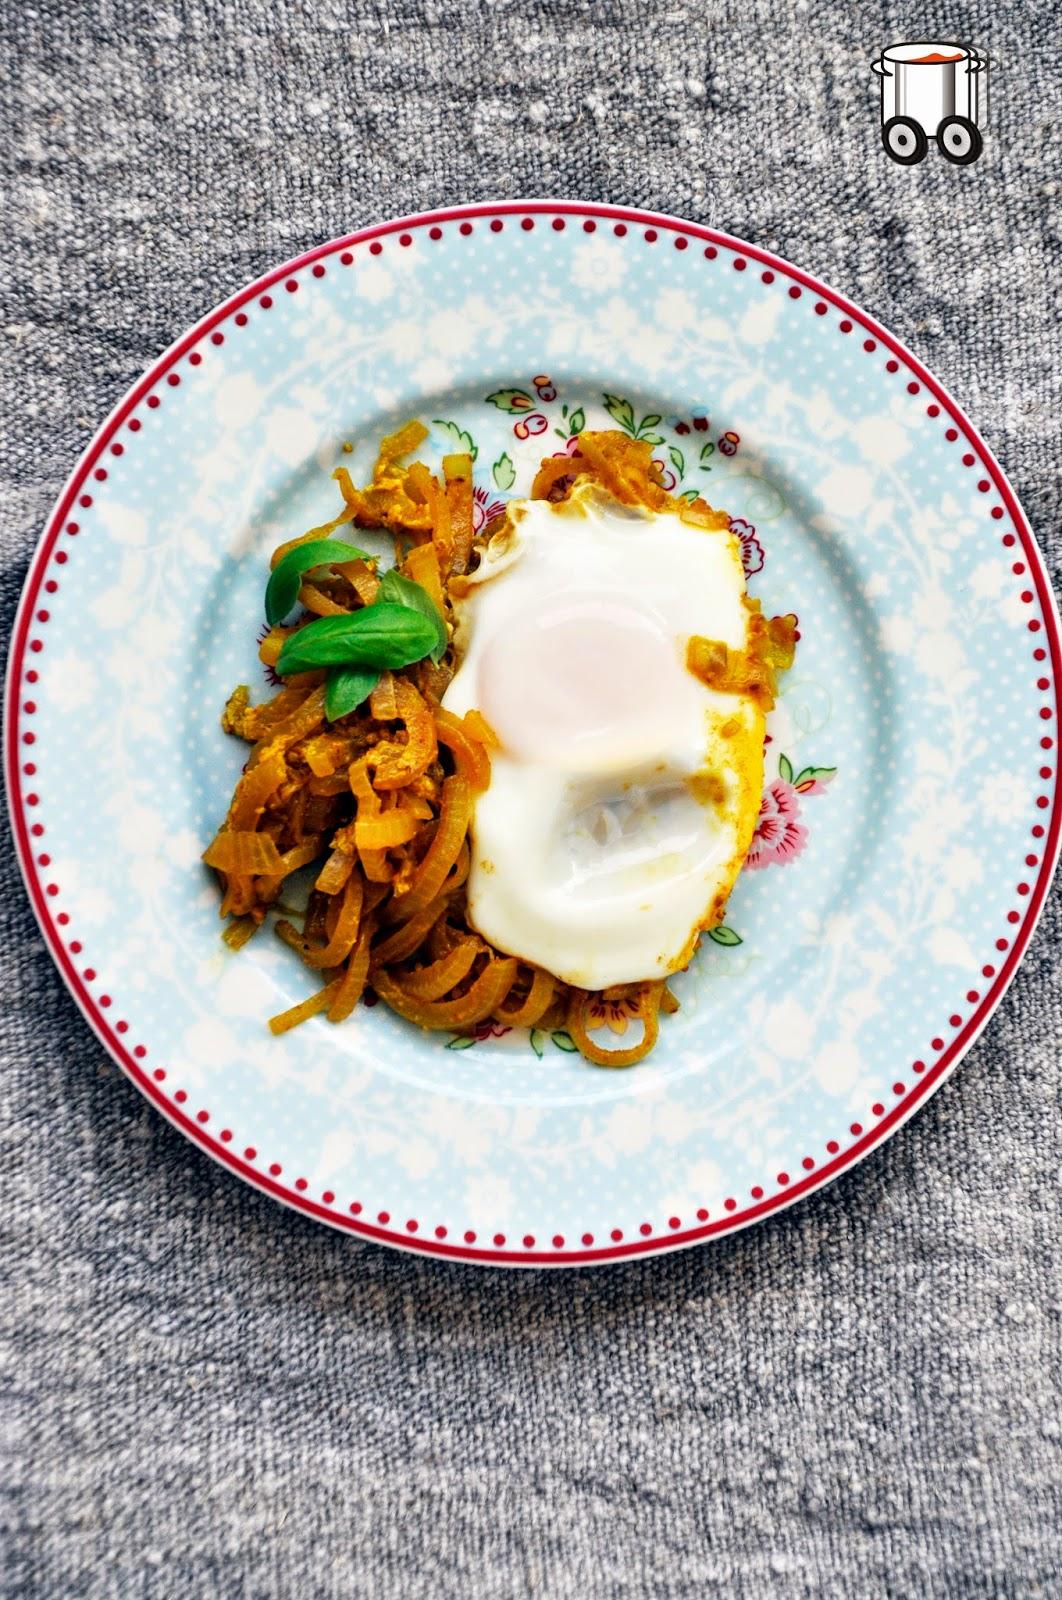 Szybko Tanio Smacznie - Jajka z curry